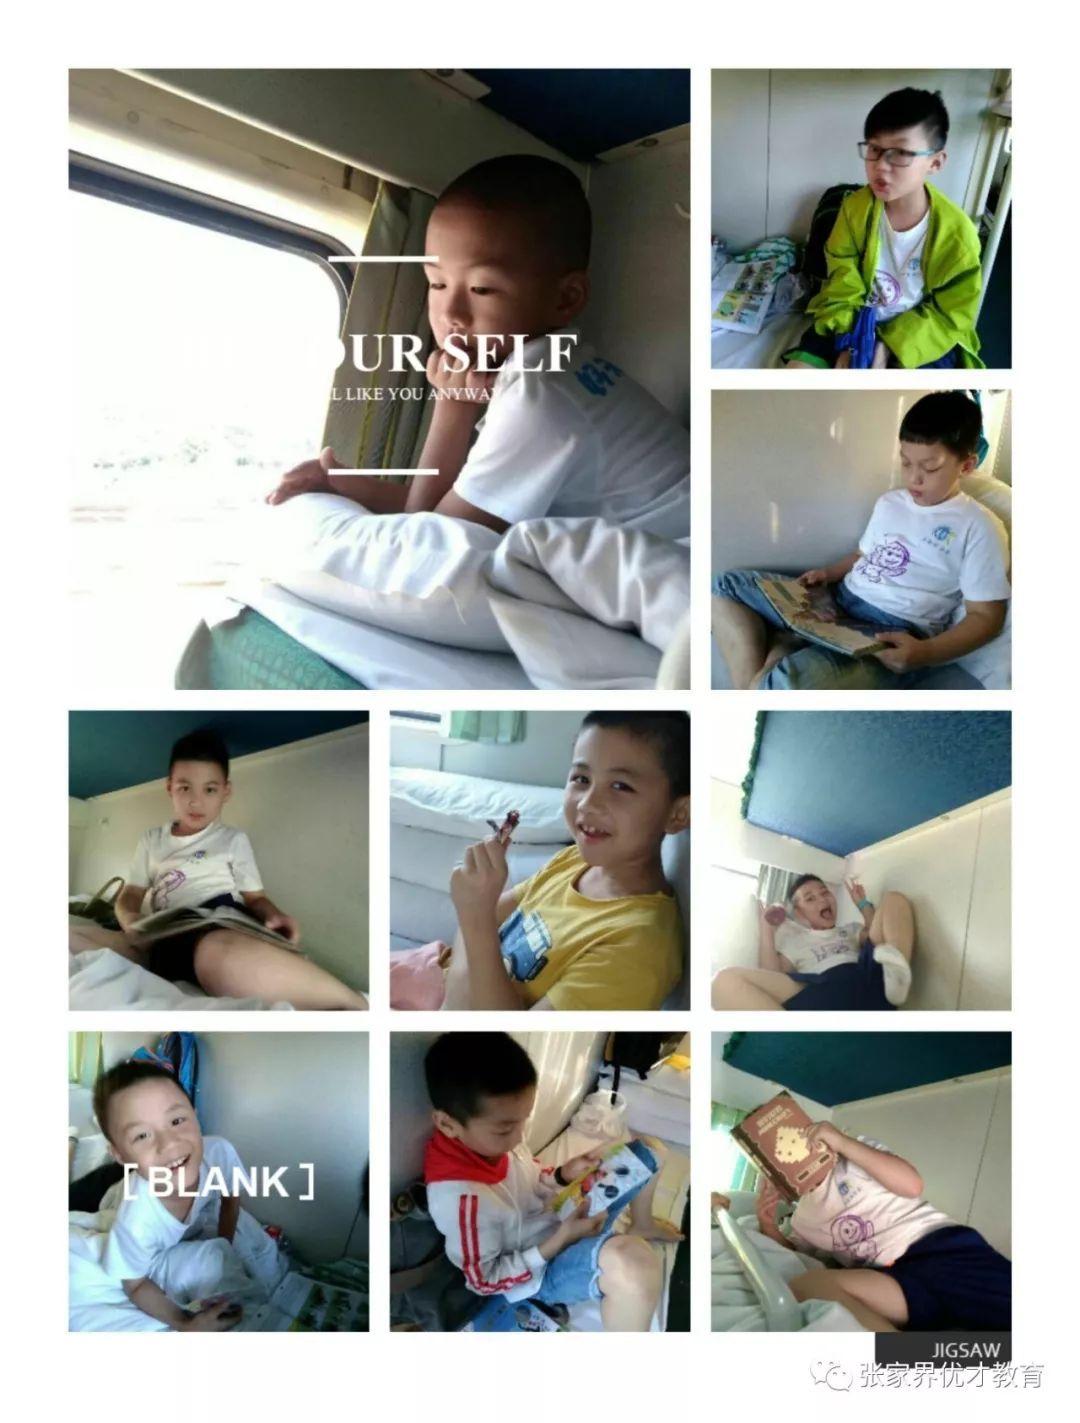 脑梗晚上睡不着的原理_如何让新生儿睡好觉   督促宝宝规律睡眠   尤其夜间安静时较为明显   婴儿不会表达   只能靠哭闹不睡来引起父母注意